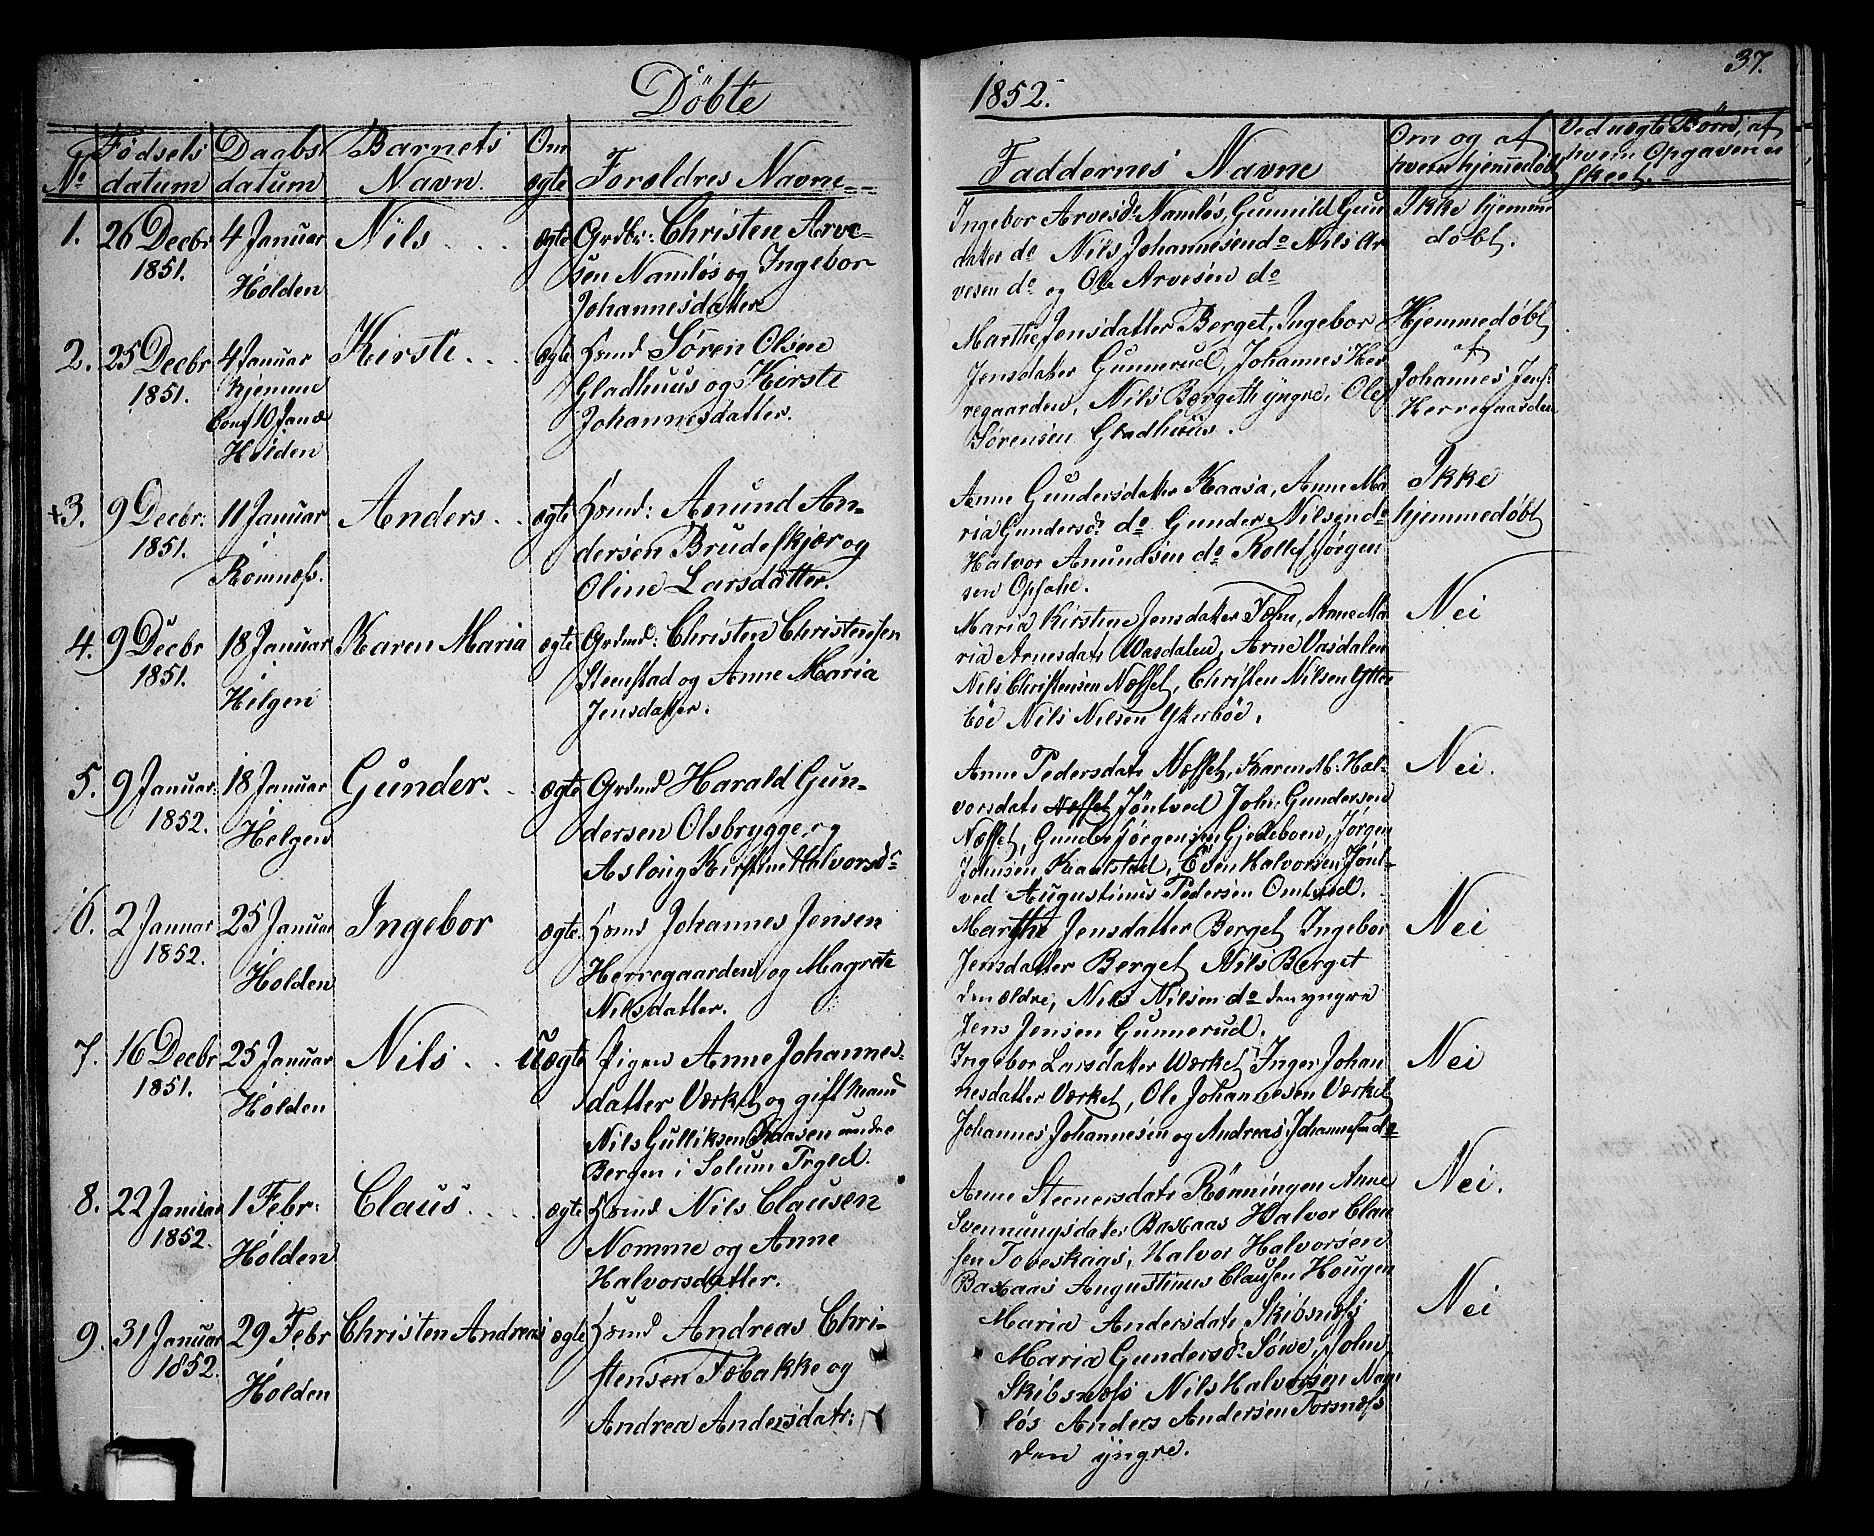 SAKO, Holla kirkebøker, G/Ga/L0003: Klokkerbok nr. I 3, 1849-1866, s. 37